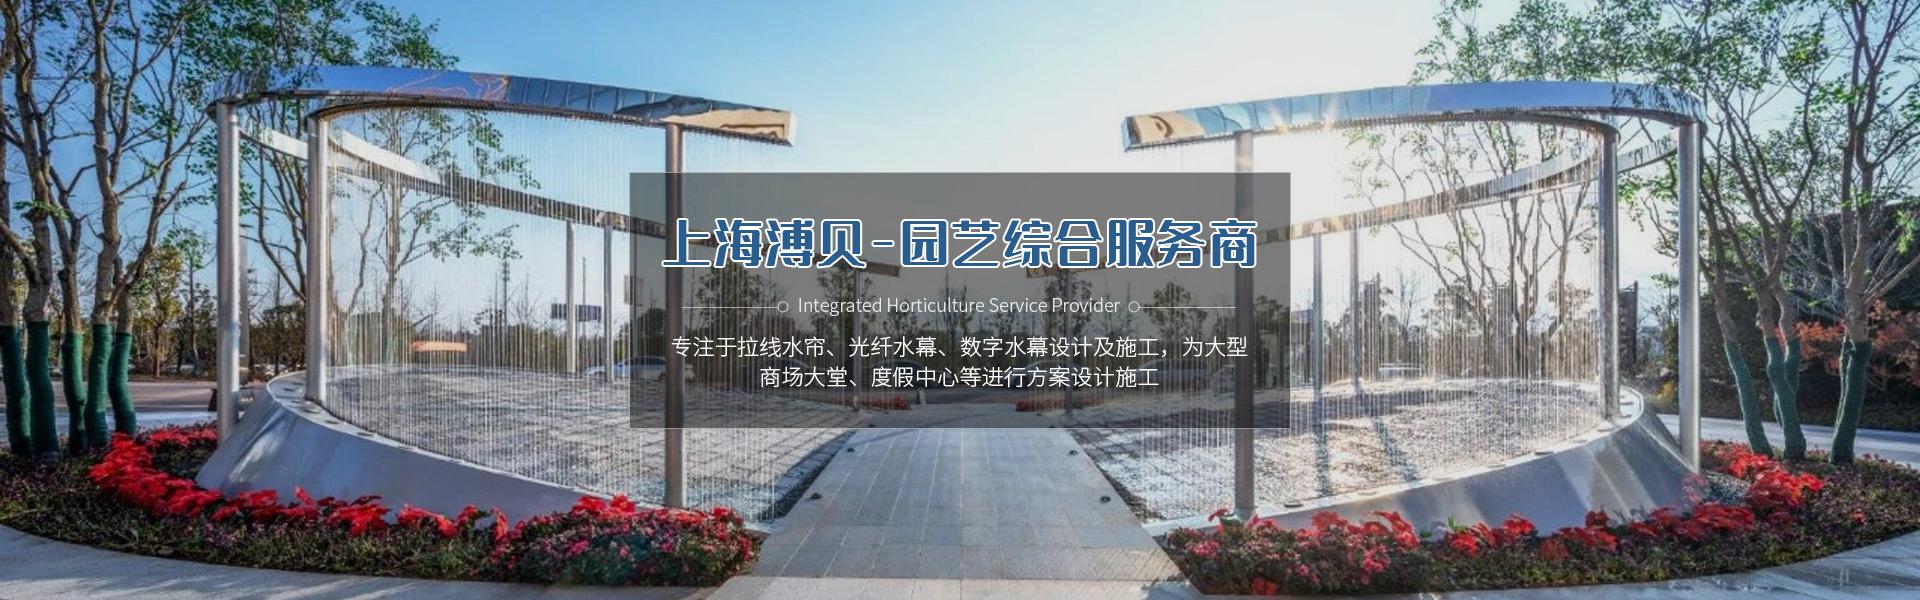 上海溥贝实业有限公司